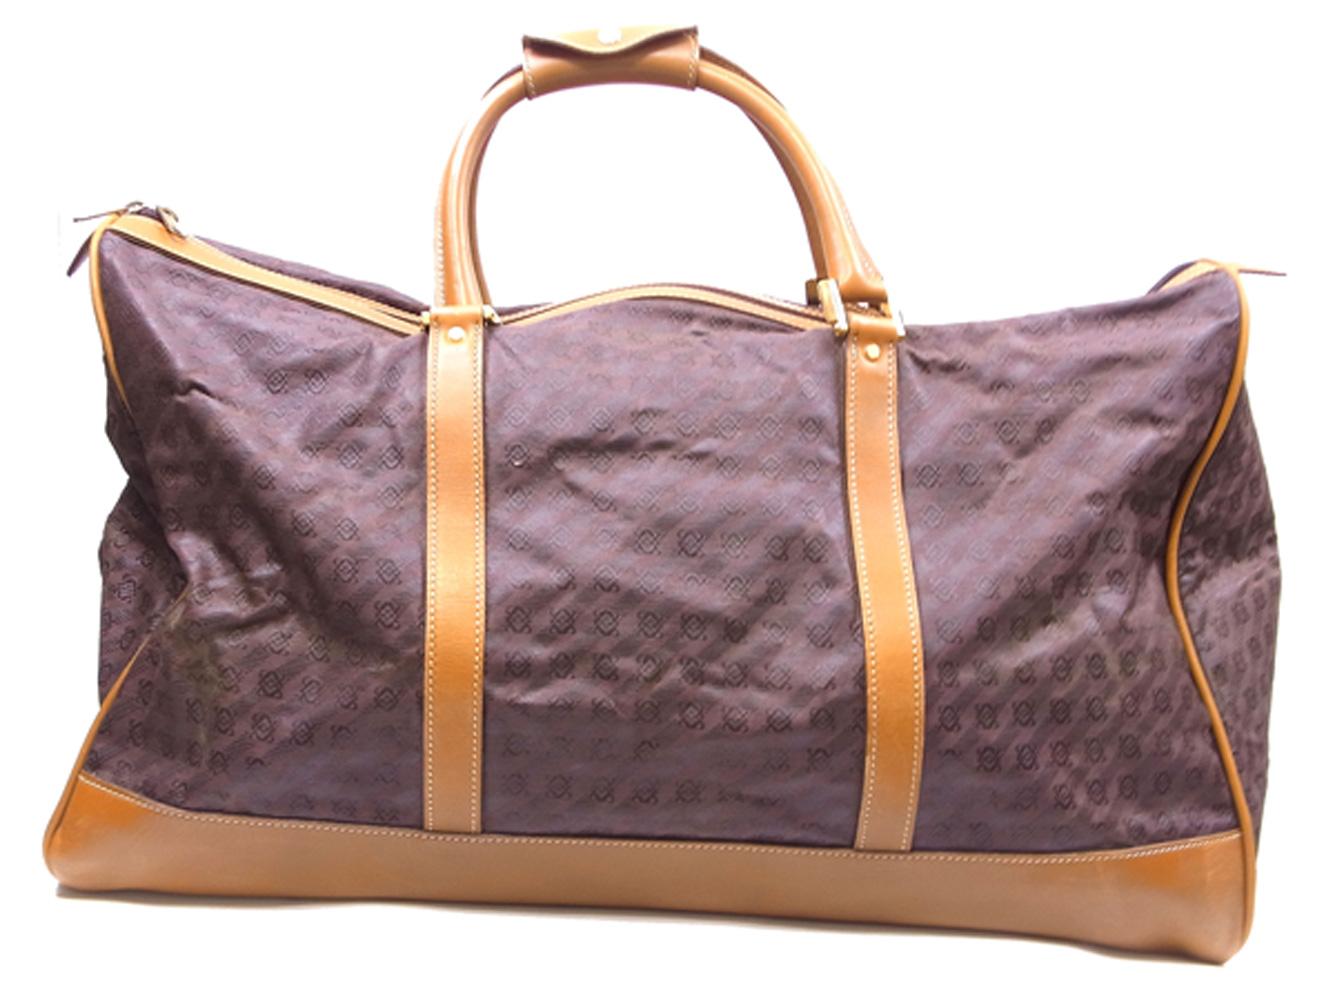 ロエベ ボストンバッグ トラベルバッグ 旅行用バッグ アナグラム柄 ブラウン ベージュ ゴールド キャンバス×レザー LOEWEjLc3RqS54A